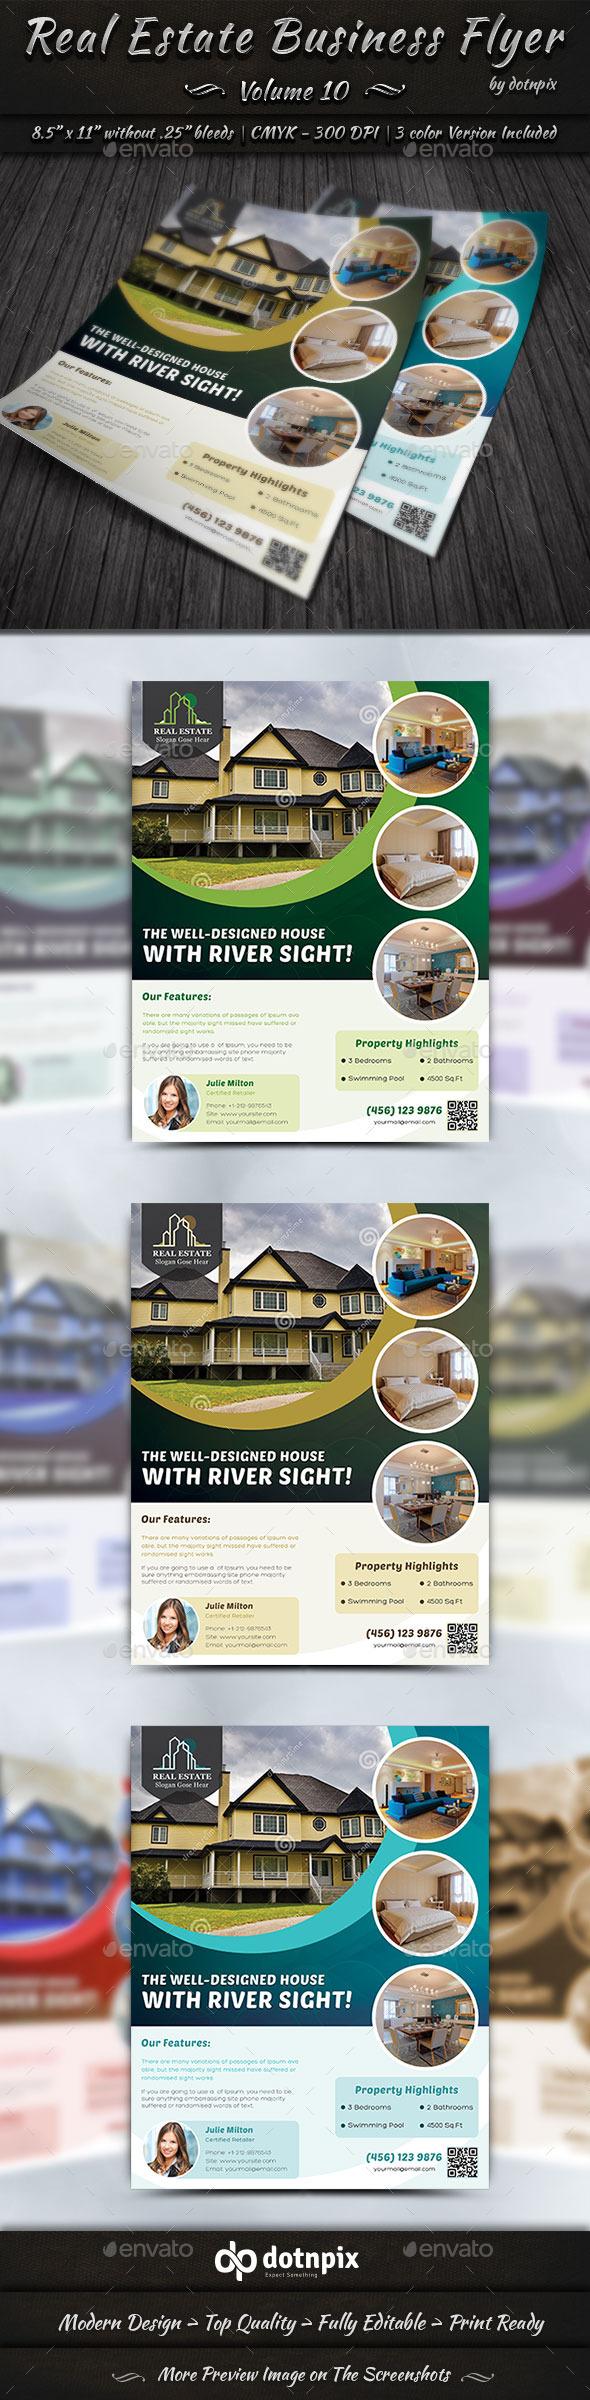 Real Estate Business Flyer | Volume 10